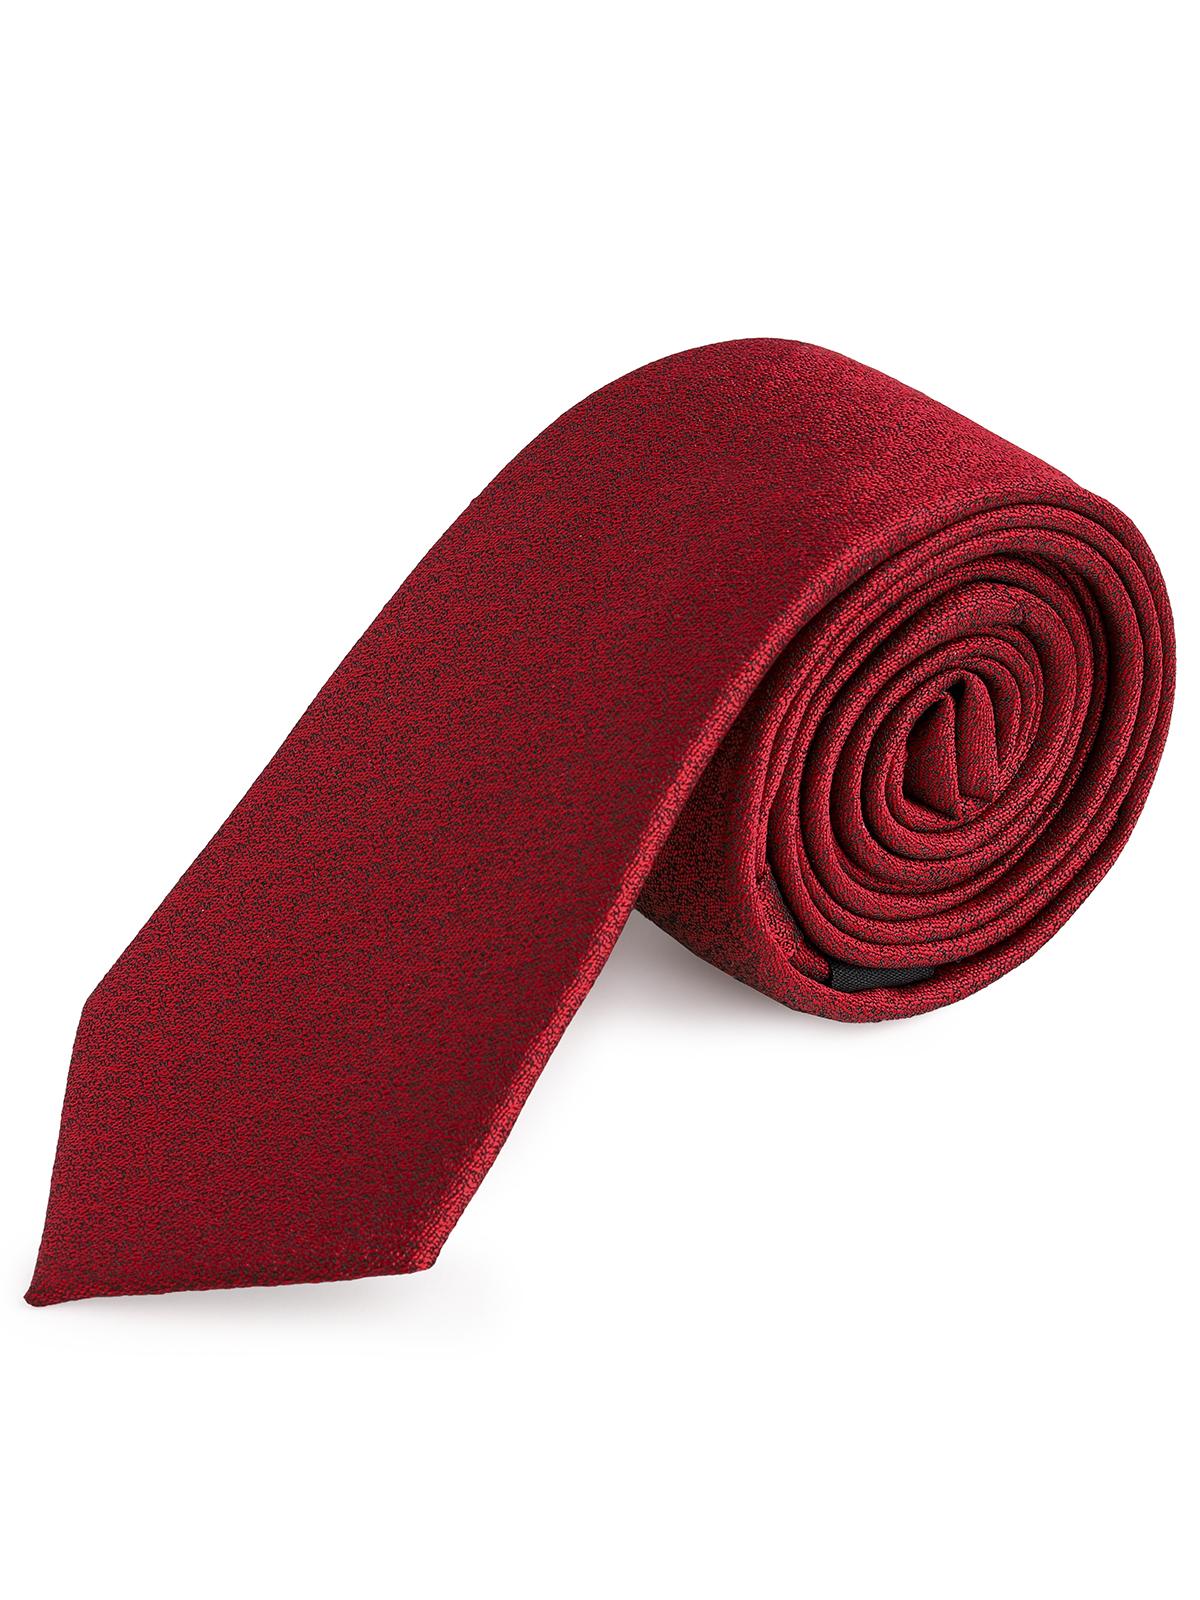 Cà vạt nam Aristino ATI00507 - AATI00507-1,498_1016450609,180000,aristino.com,Ca-vat-nam-Aristino-ATI00507-498_1016450609,Cà vạt nam Aristino ATI00507